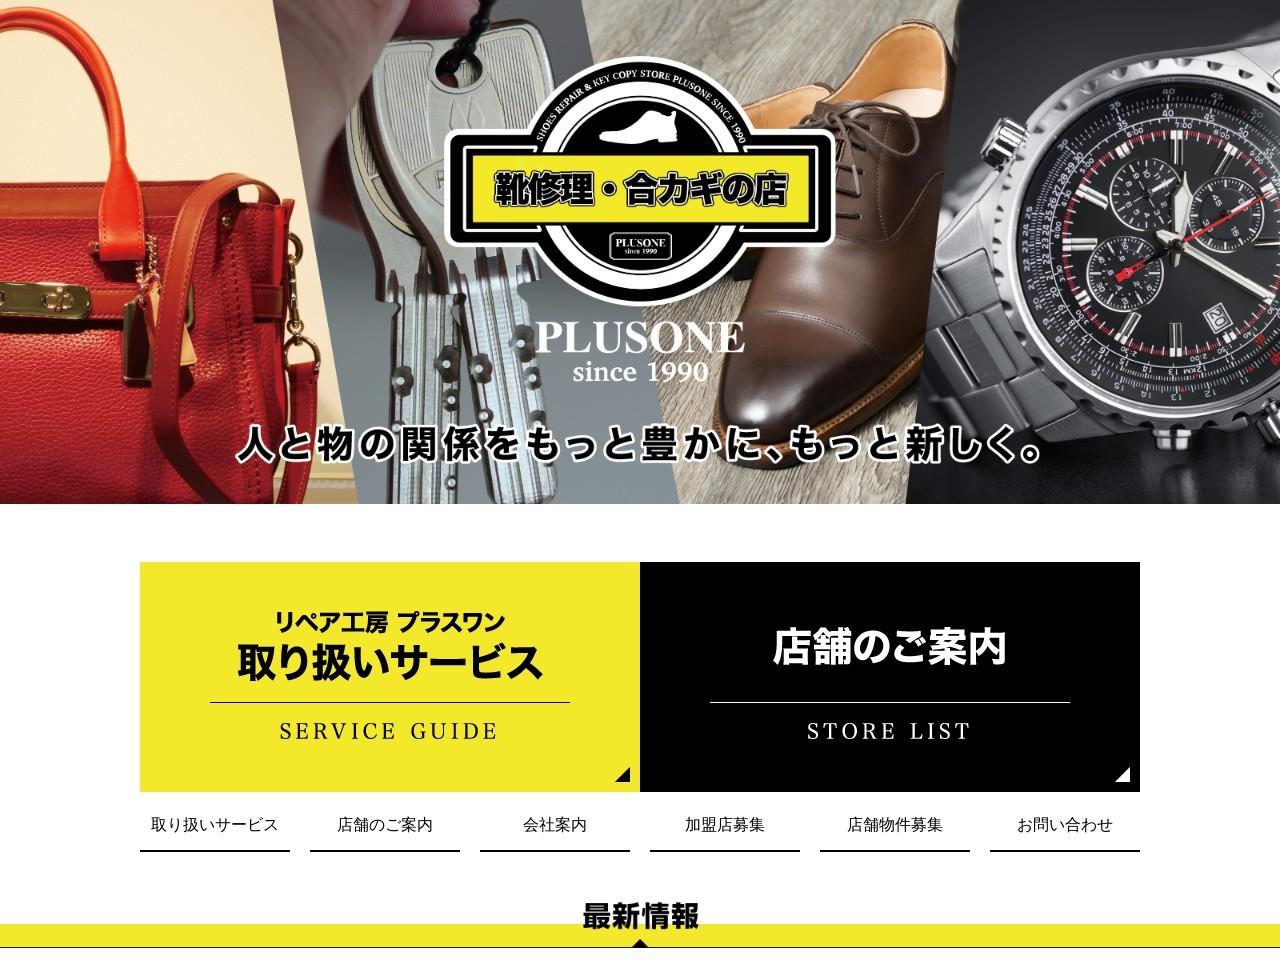 プラスワン・コノミヤ堺東店